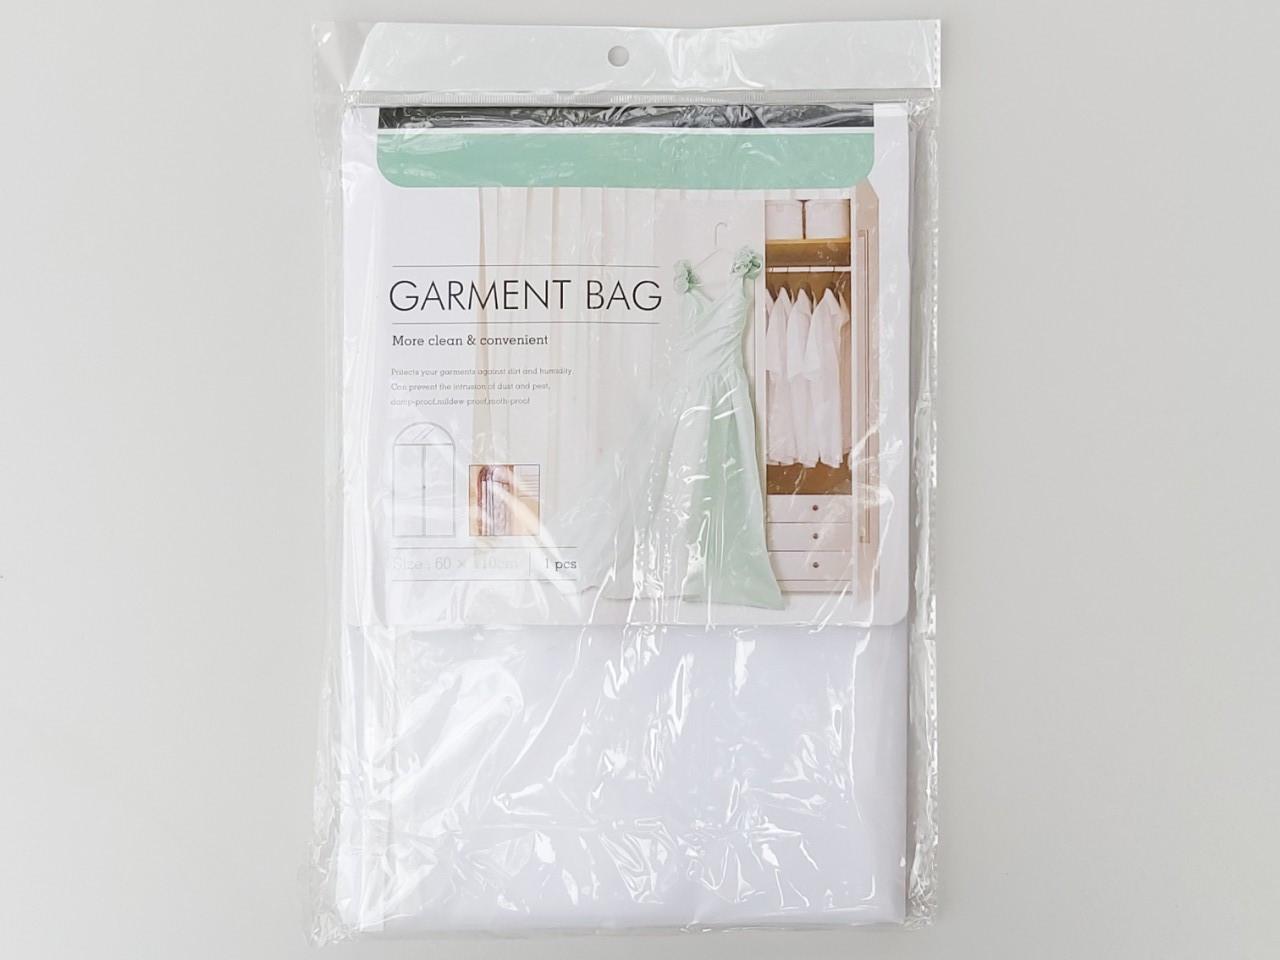 Чехол для хранения одежды из плащевки бело-прозрачного цвета, размер 60*110 см